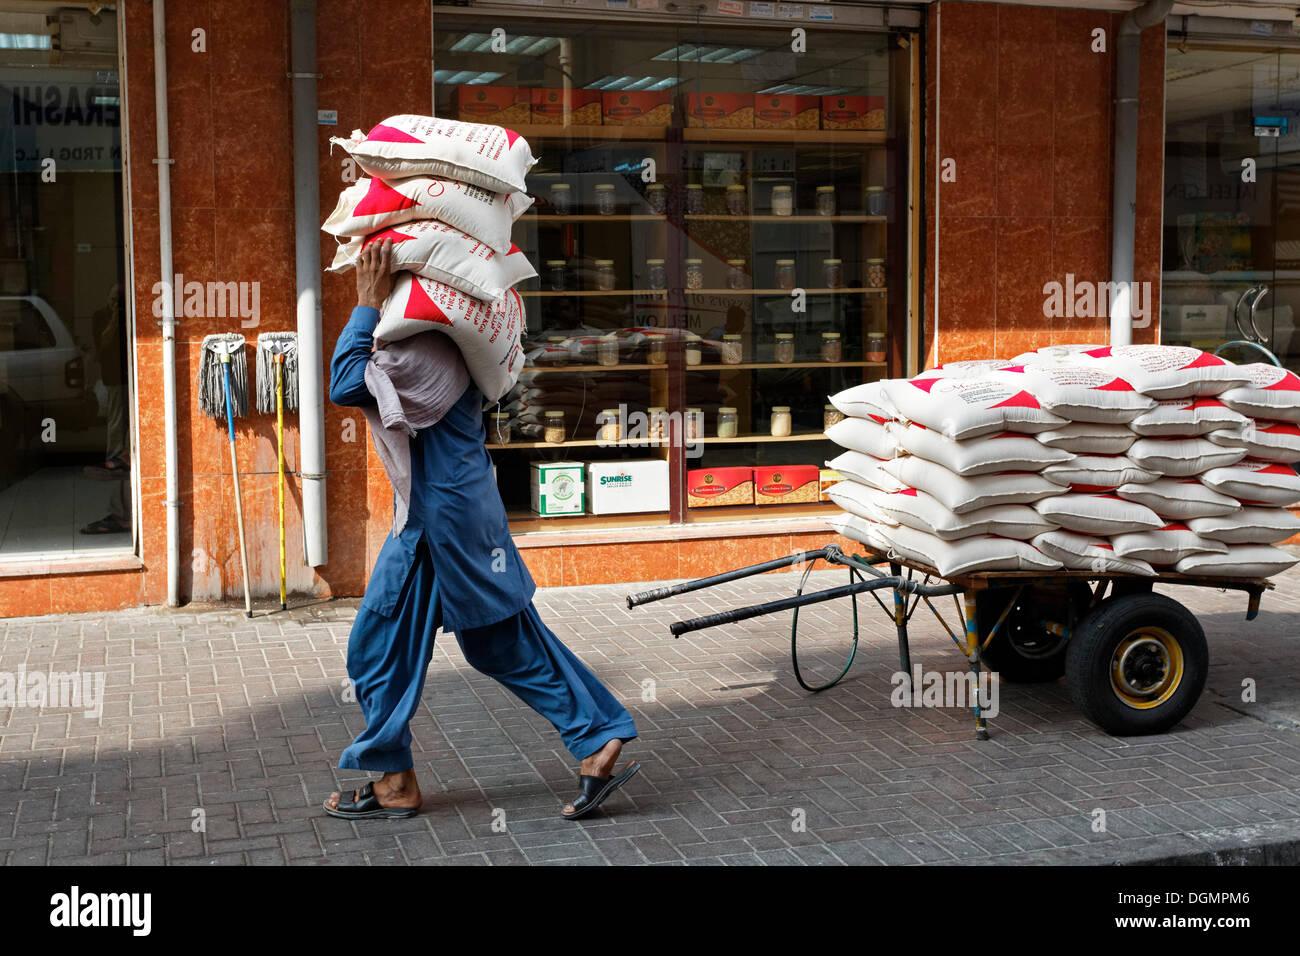 Travailleur portent des sacs de lentilles sur son épaule, le Vieux Souk, Deira, Dubaï, Émirats arabes unis, Moyen Orient Photo Stock